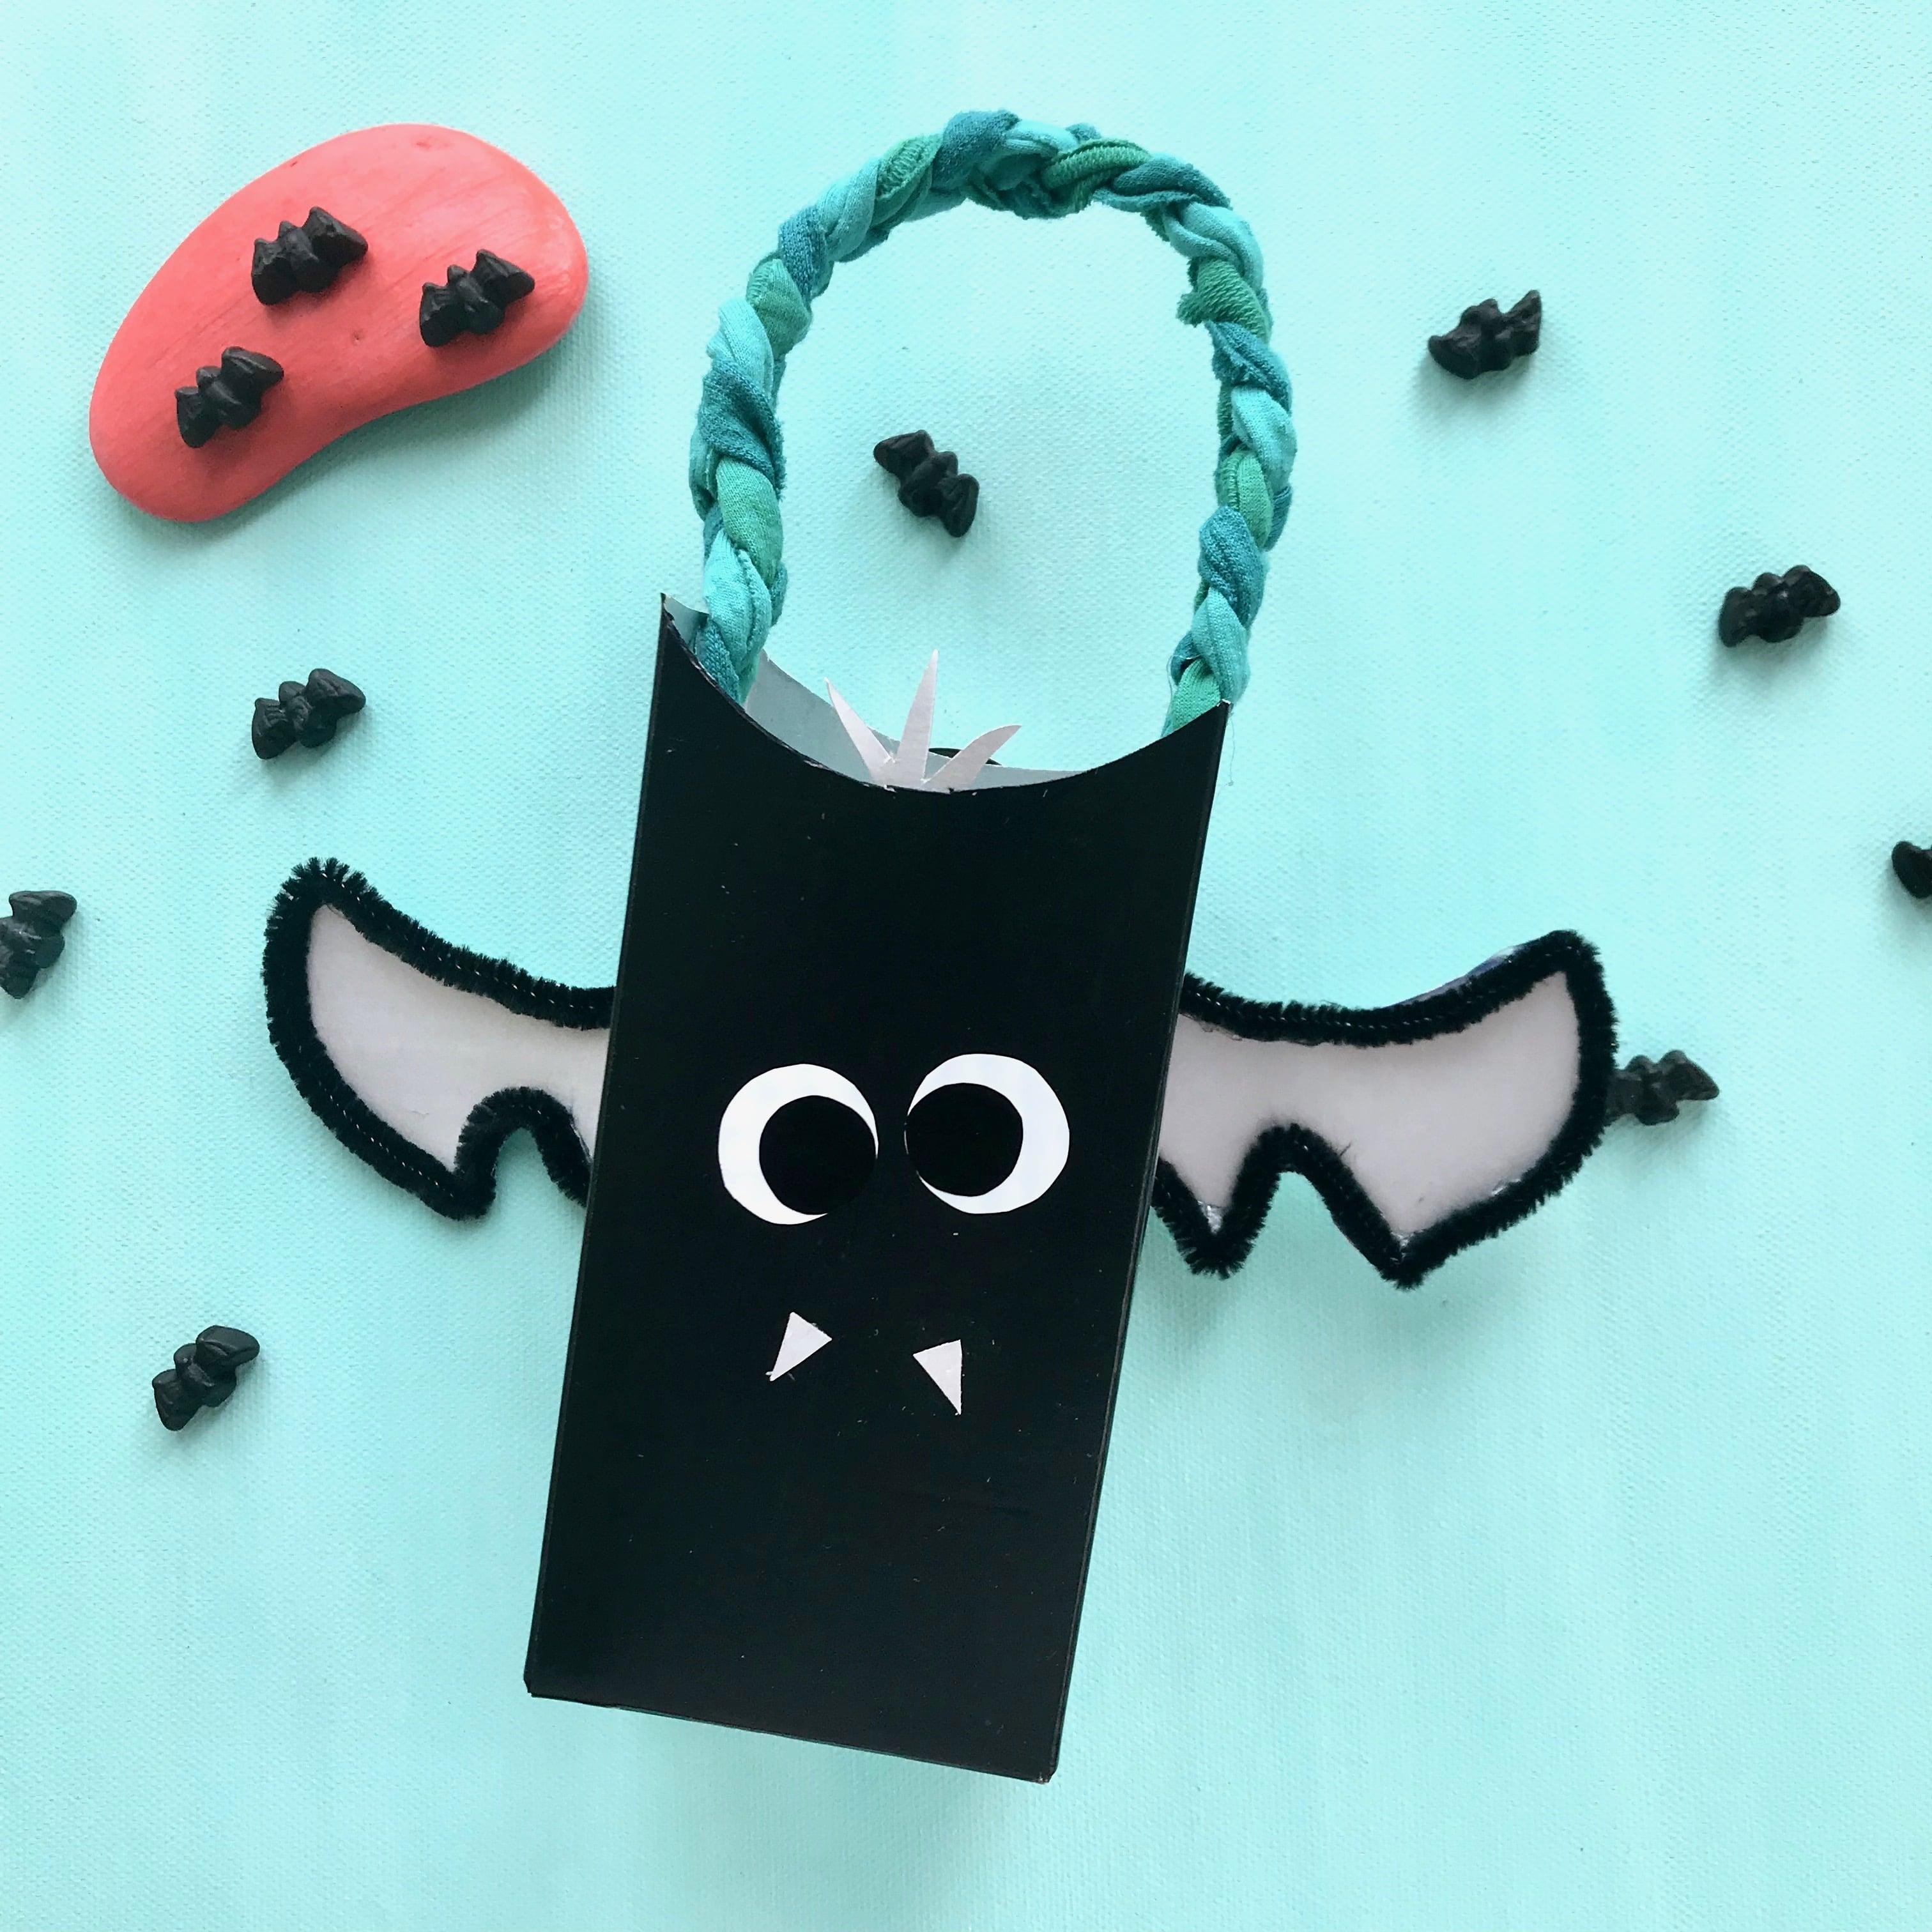 Halloween Basteln mit Kindern, Halloween Sammelbeutel Fledermaus basteln, Upcycling mit Kindern